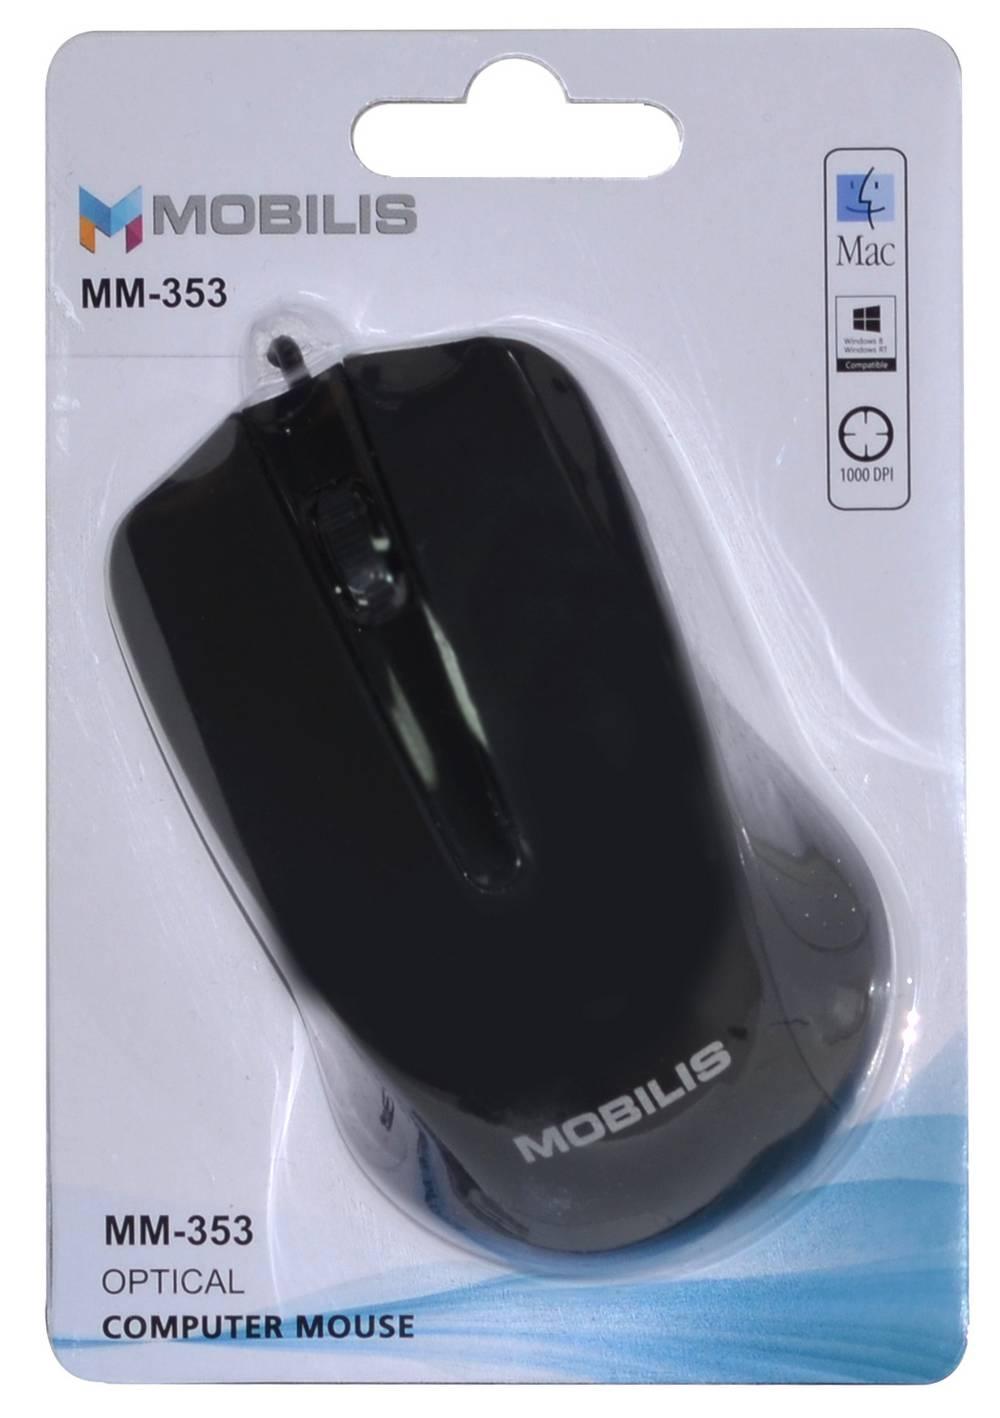 Ενσύρματο Ποντίκι Mobilis MM-353 3 Πλήκτρων 1000 DPI Μαύρο (104*66*39mm)